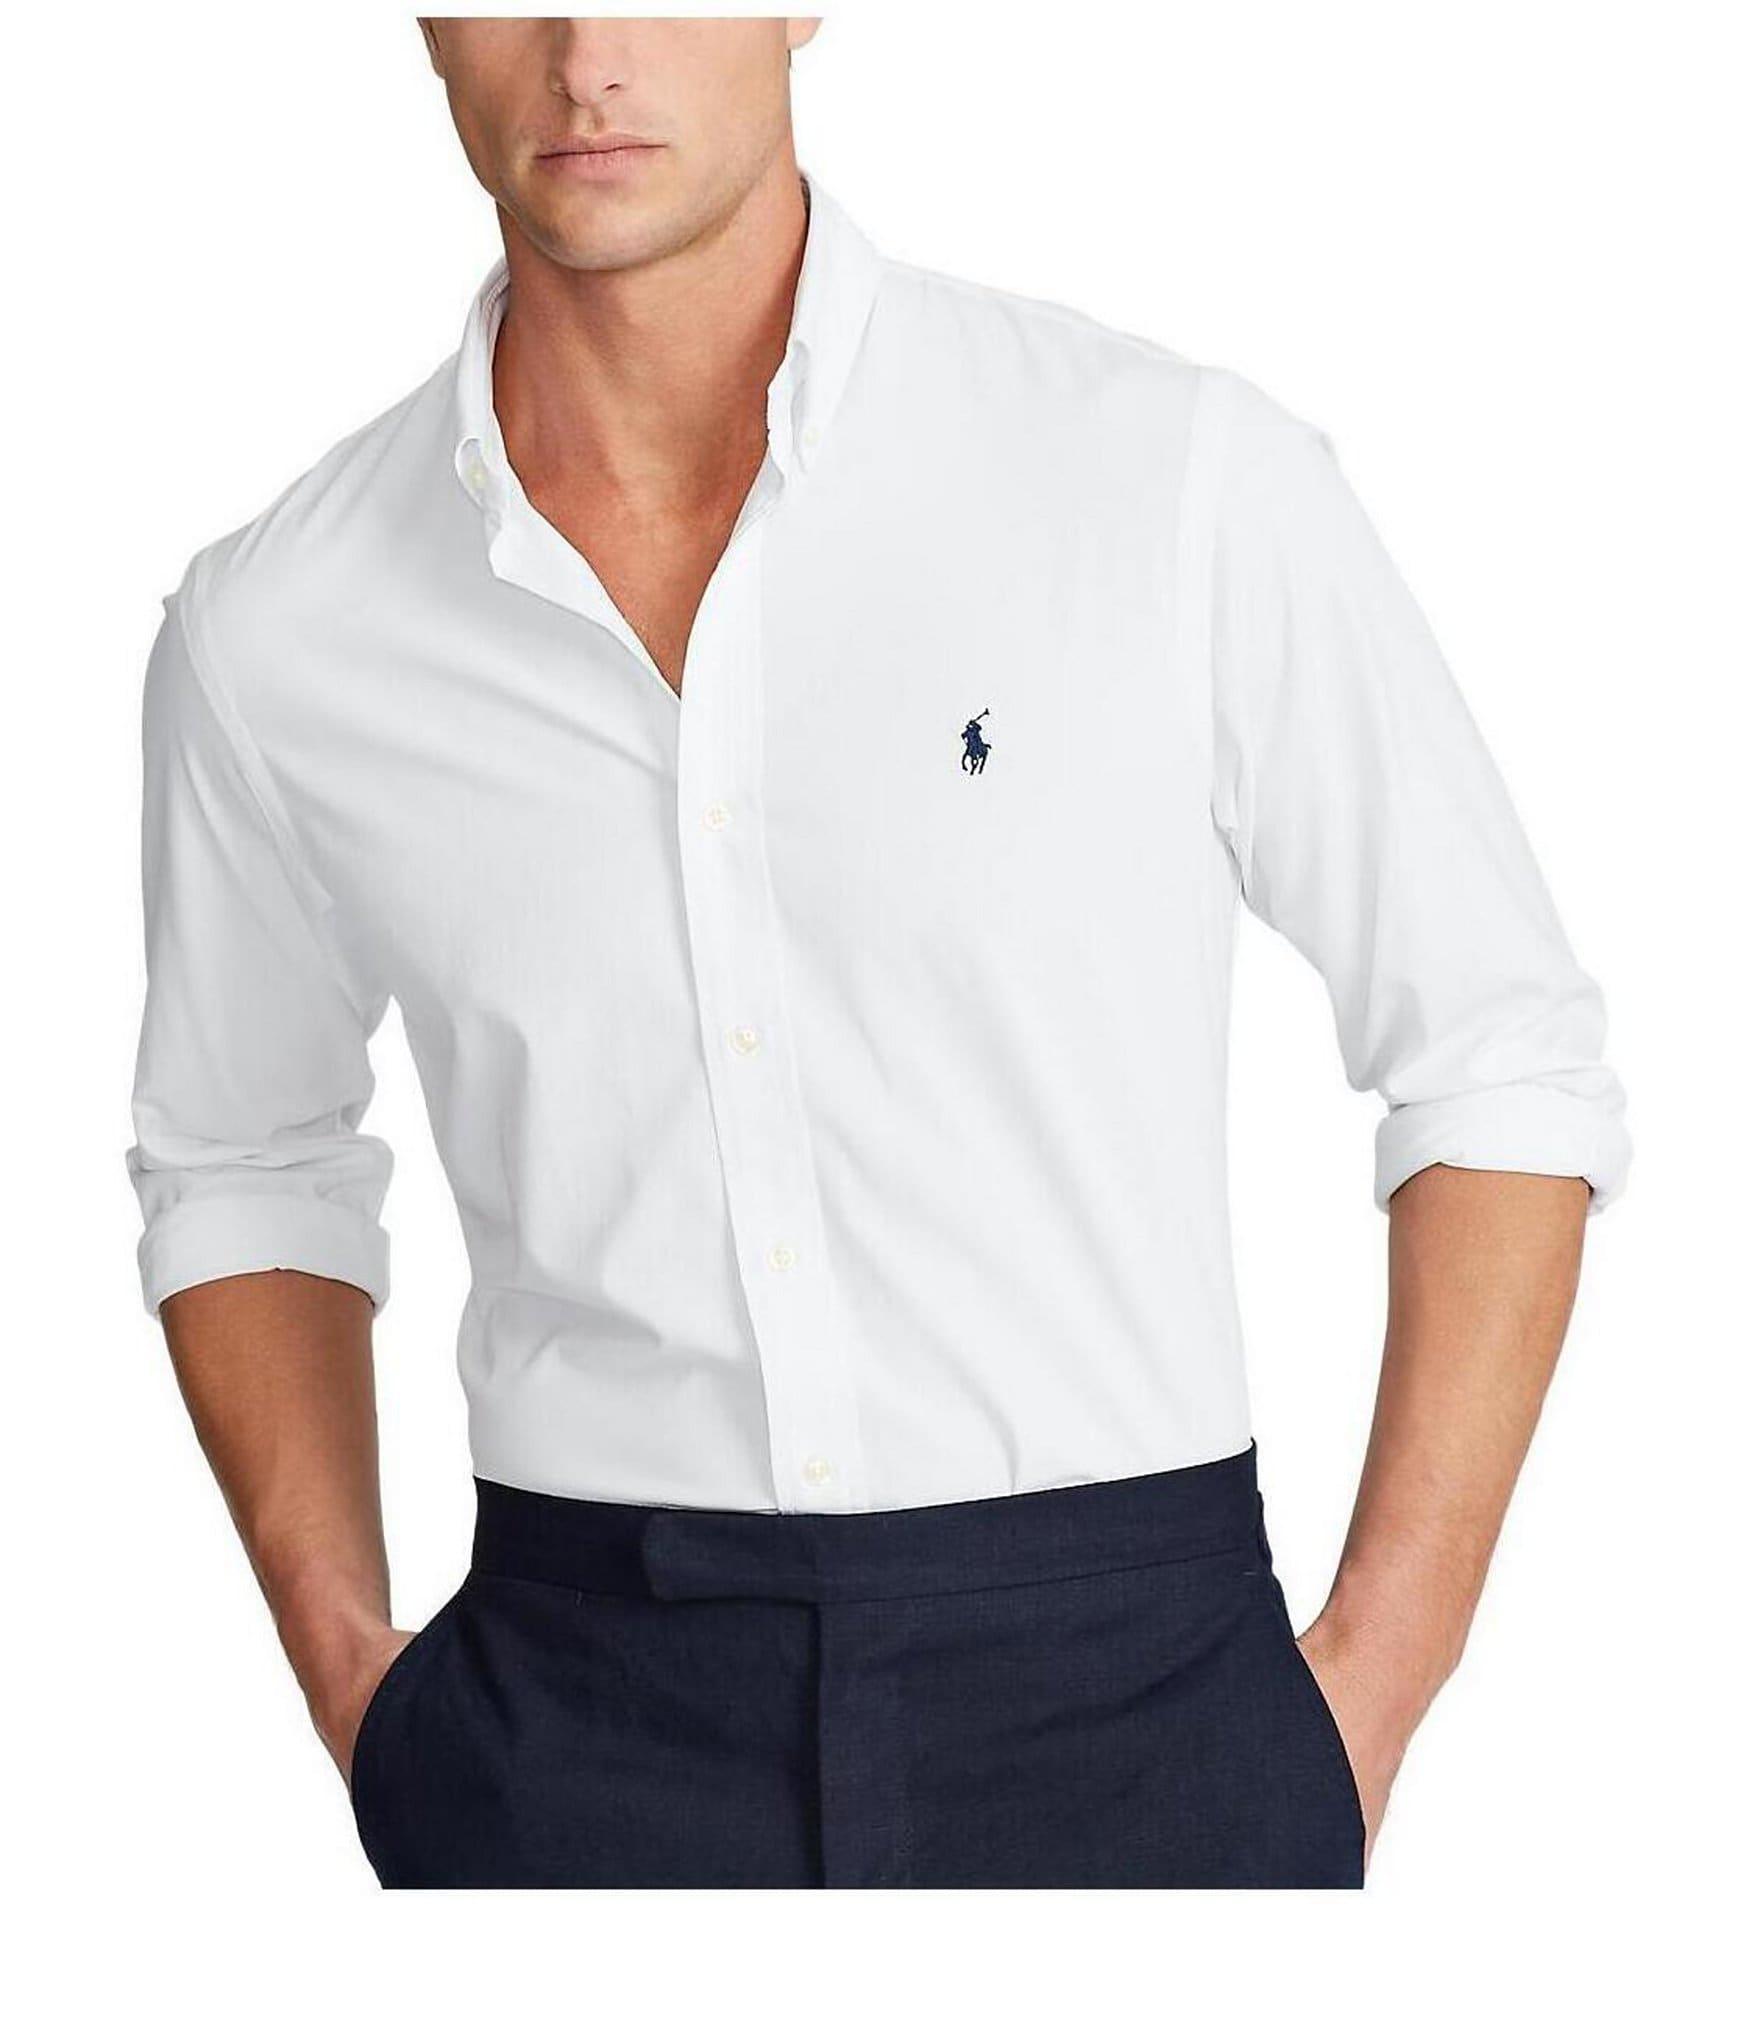 mens white polo dress shirt cheap online